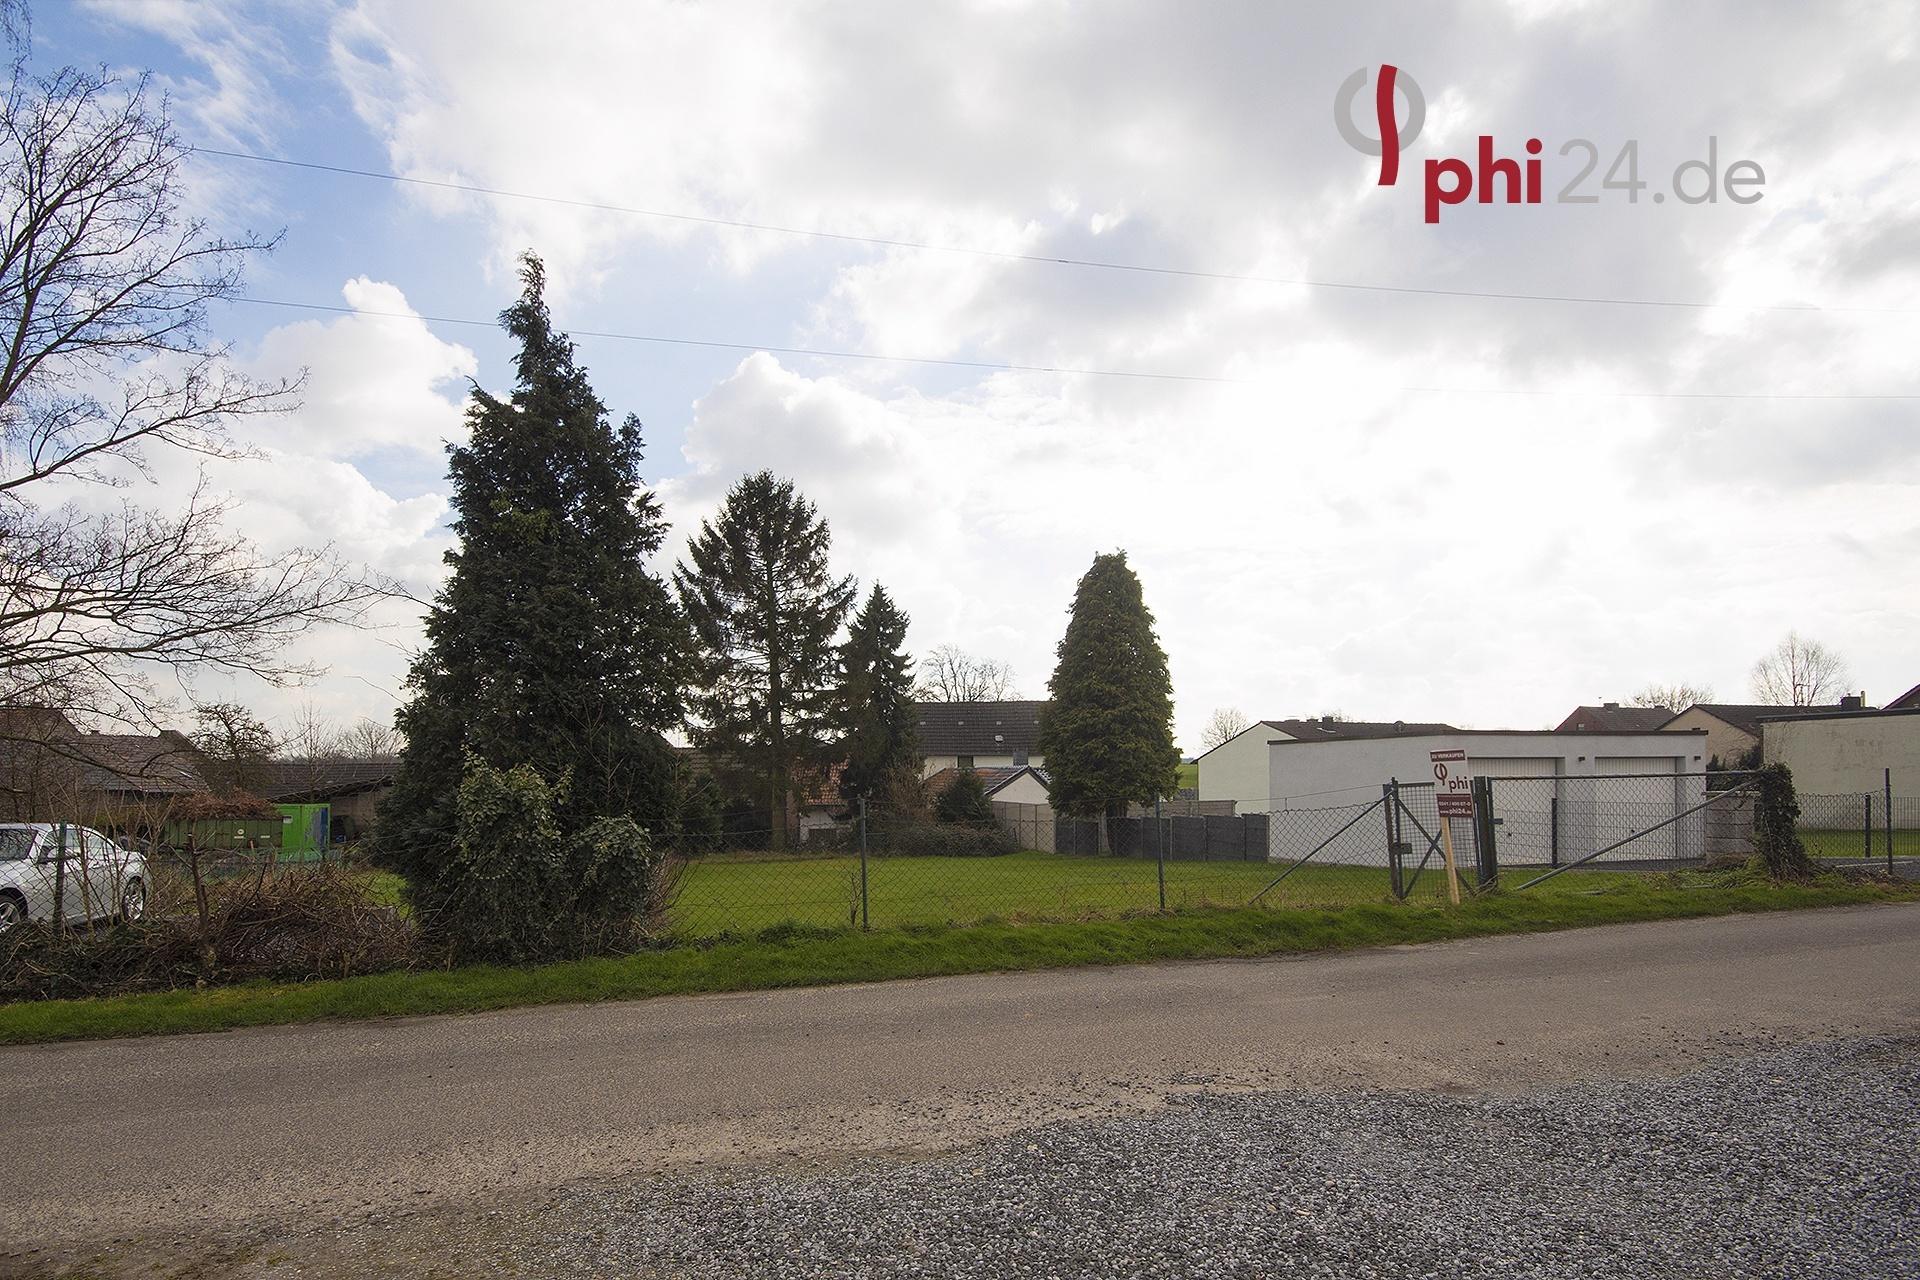 Immobilienmakler Geilenkirchen Grundstück (Wohnbebauung) referenzen mit Immobilienbewertung